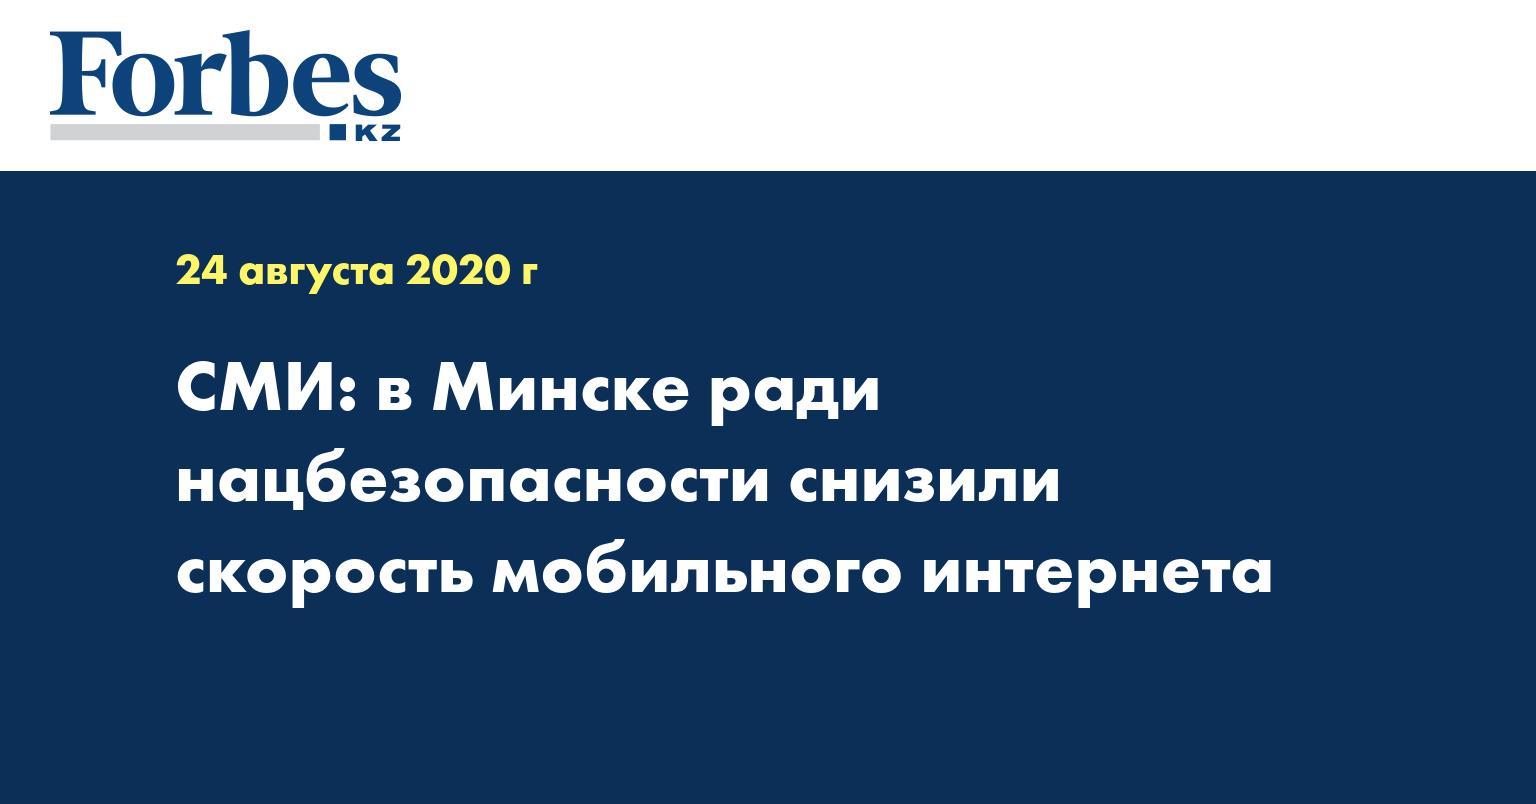 СМИ: в Минске ради нацбезопасности снизили скорость мобильного интернета